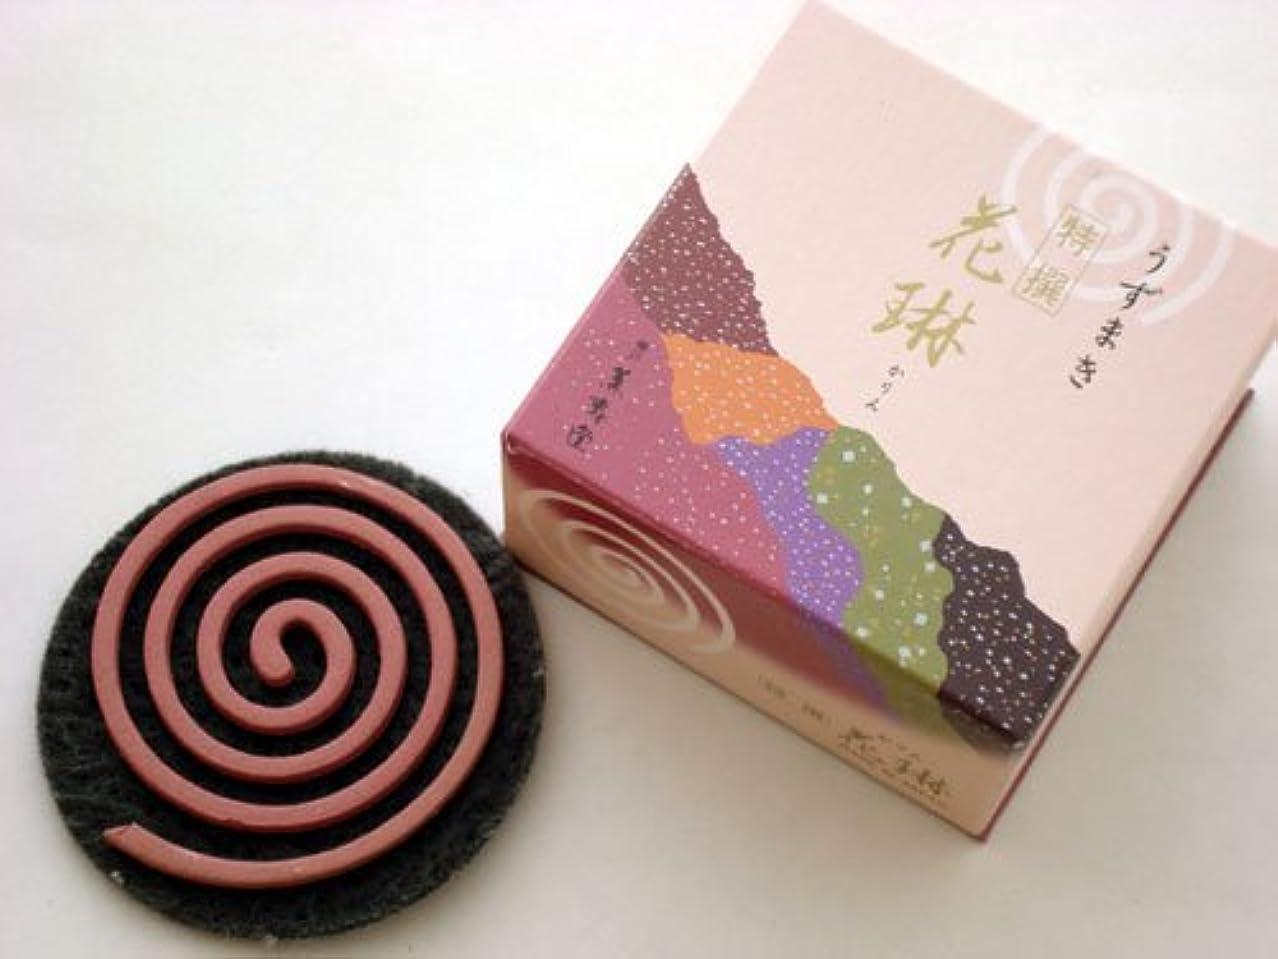 味わう飲食店データベース薫寿堂のうず巻香 特撰花琳(とくせんかりん)